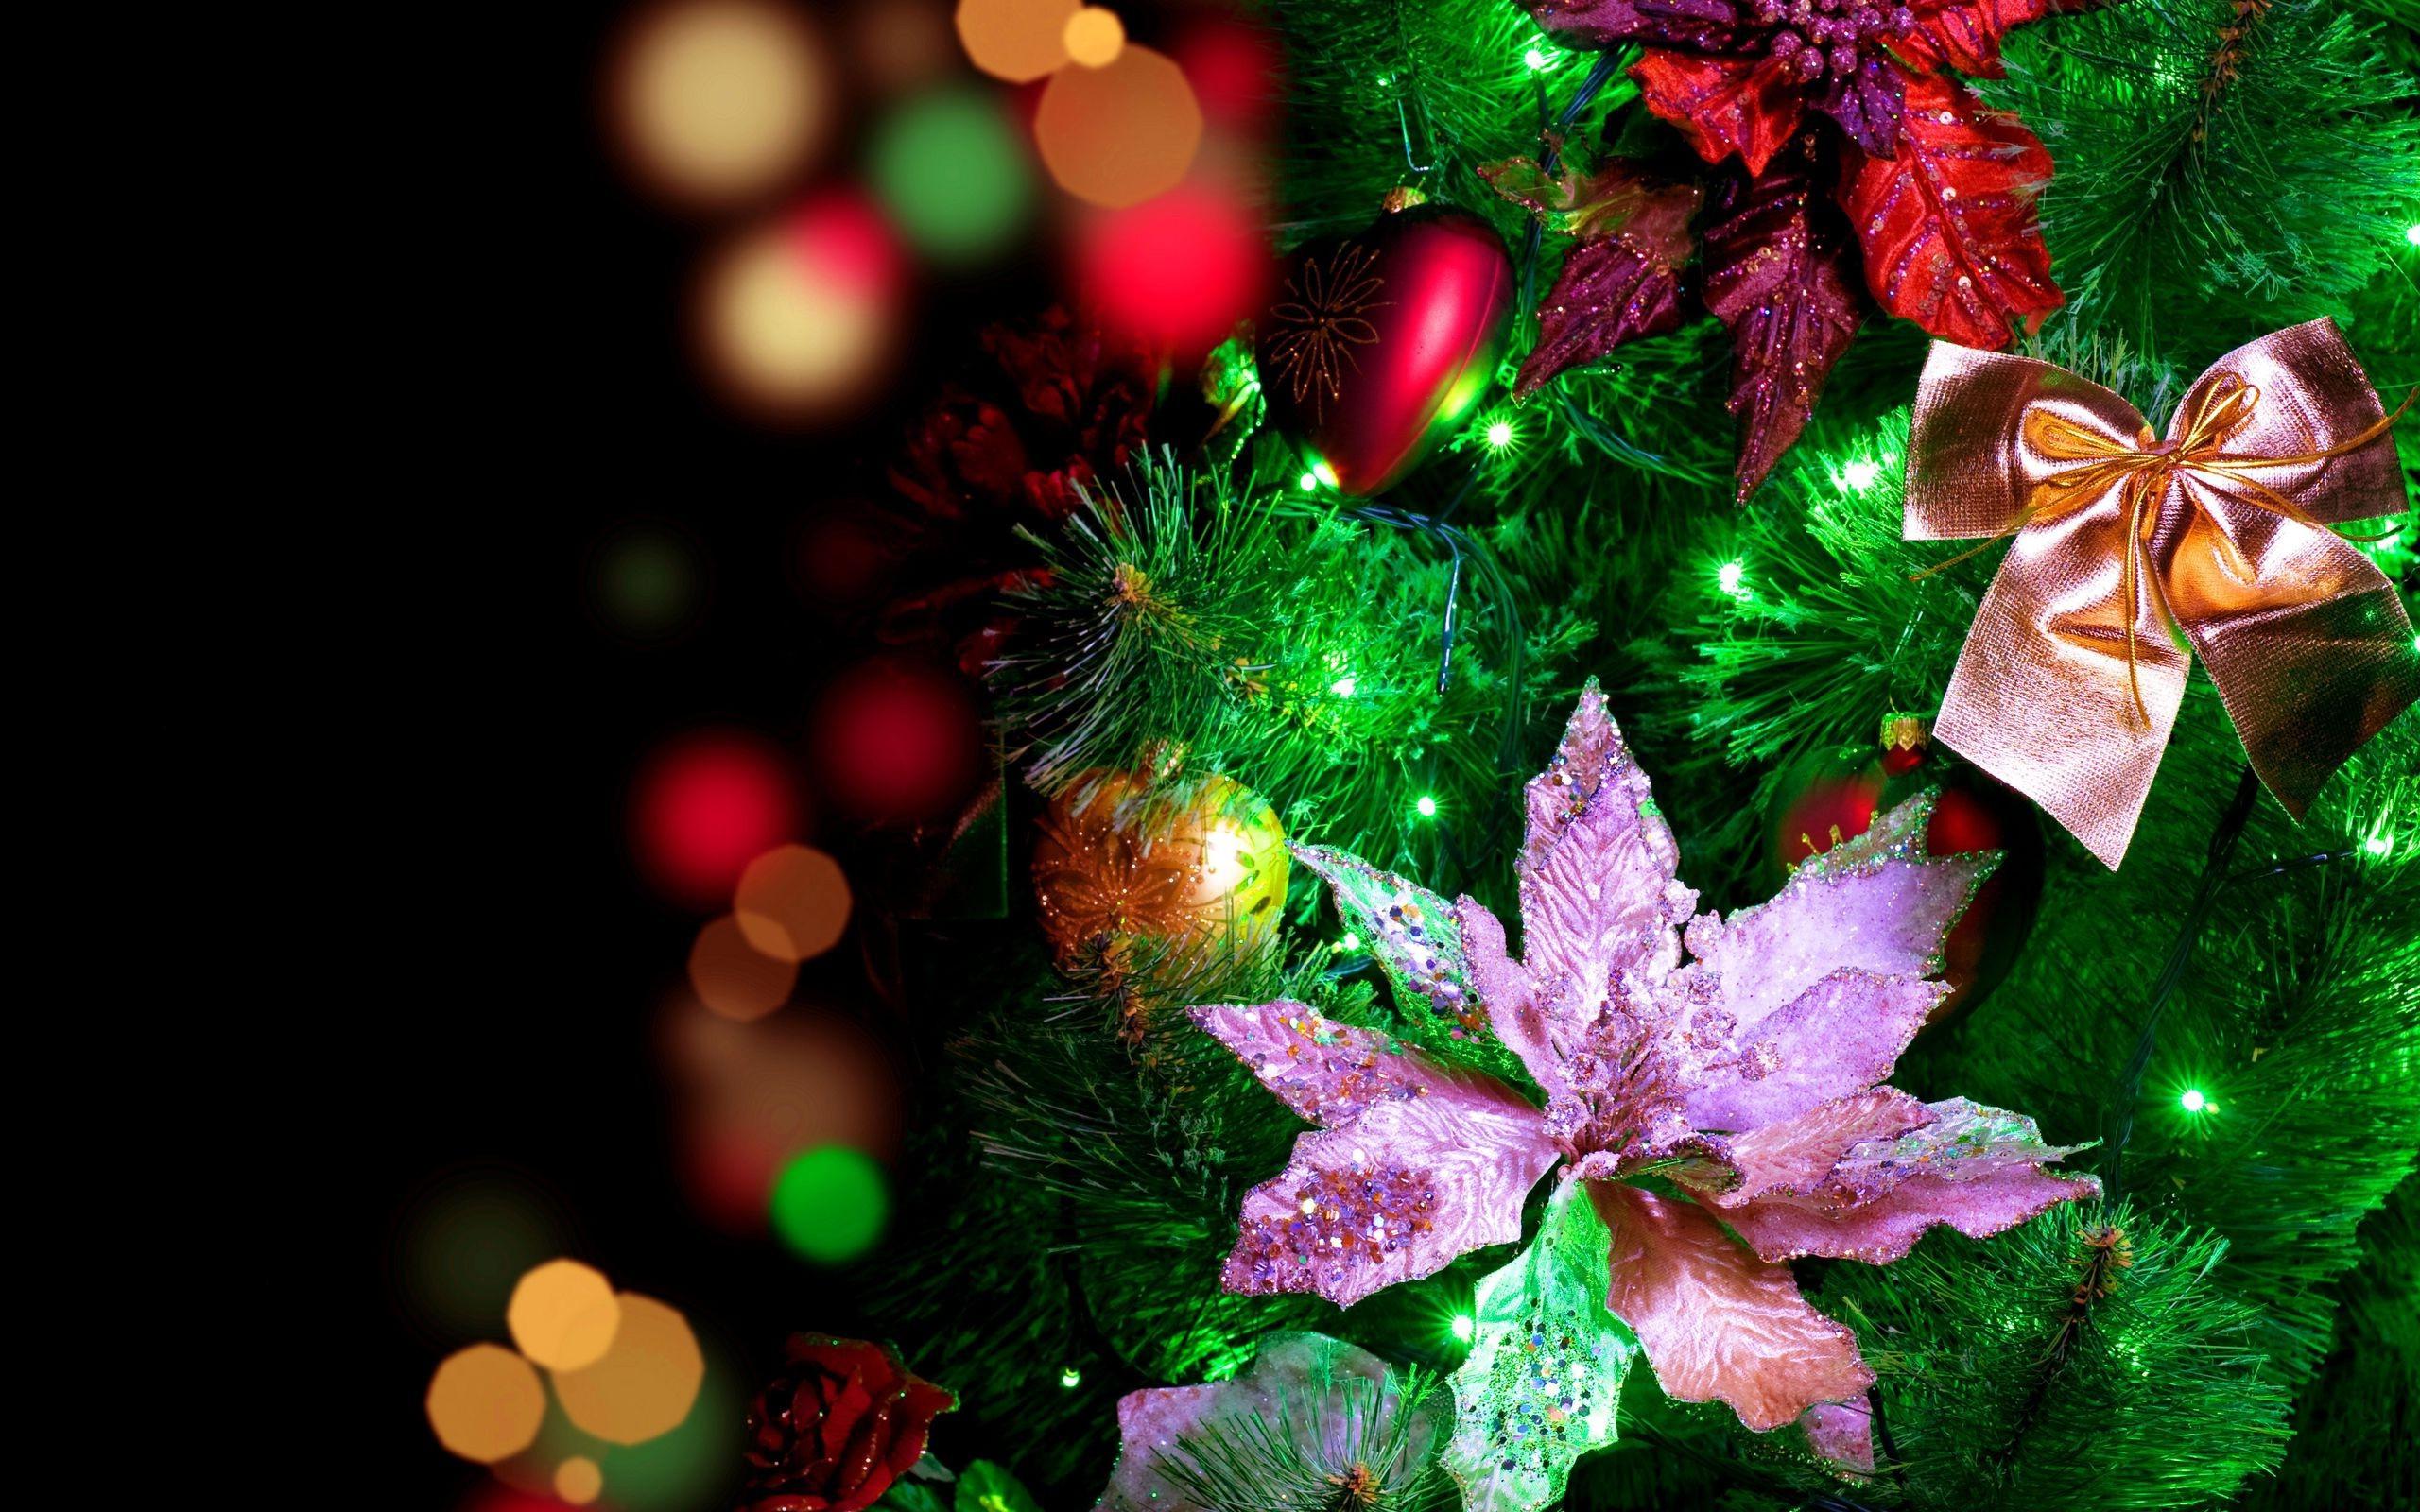 Bellos adornos de flores para arbol de navidad - 2560x1600